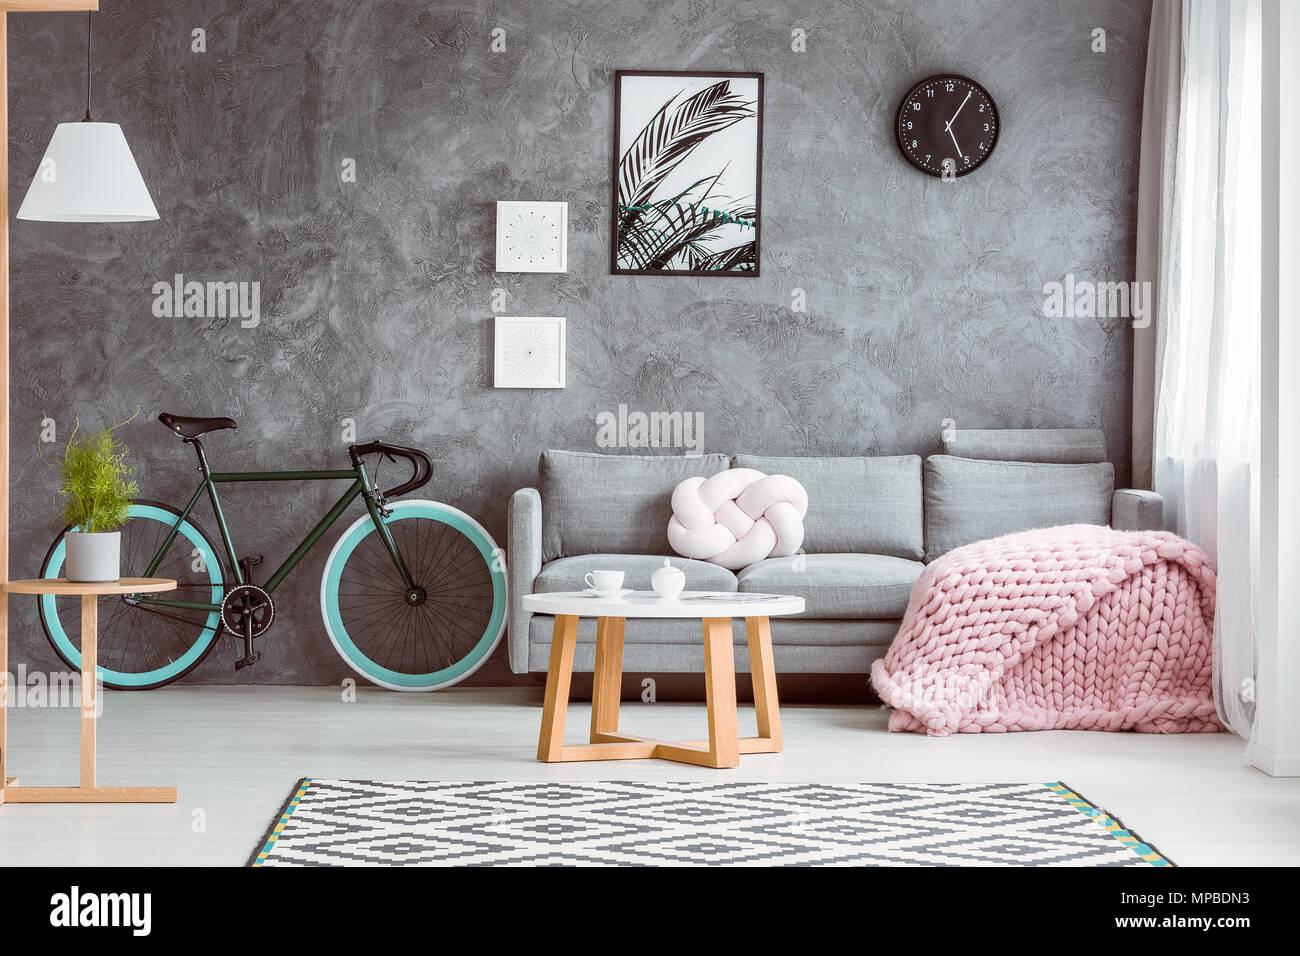 Fahrrad mit Blue Wheels im gemütlichen Wohnzimmer mit Rosa gestrickte Decke und Kissen auf grau Sofa Stockfoto